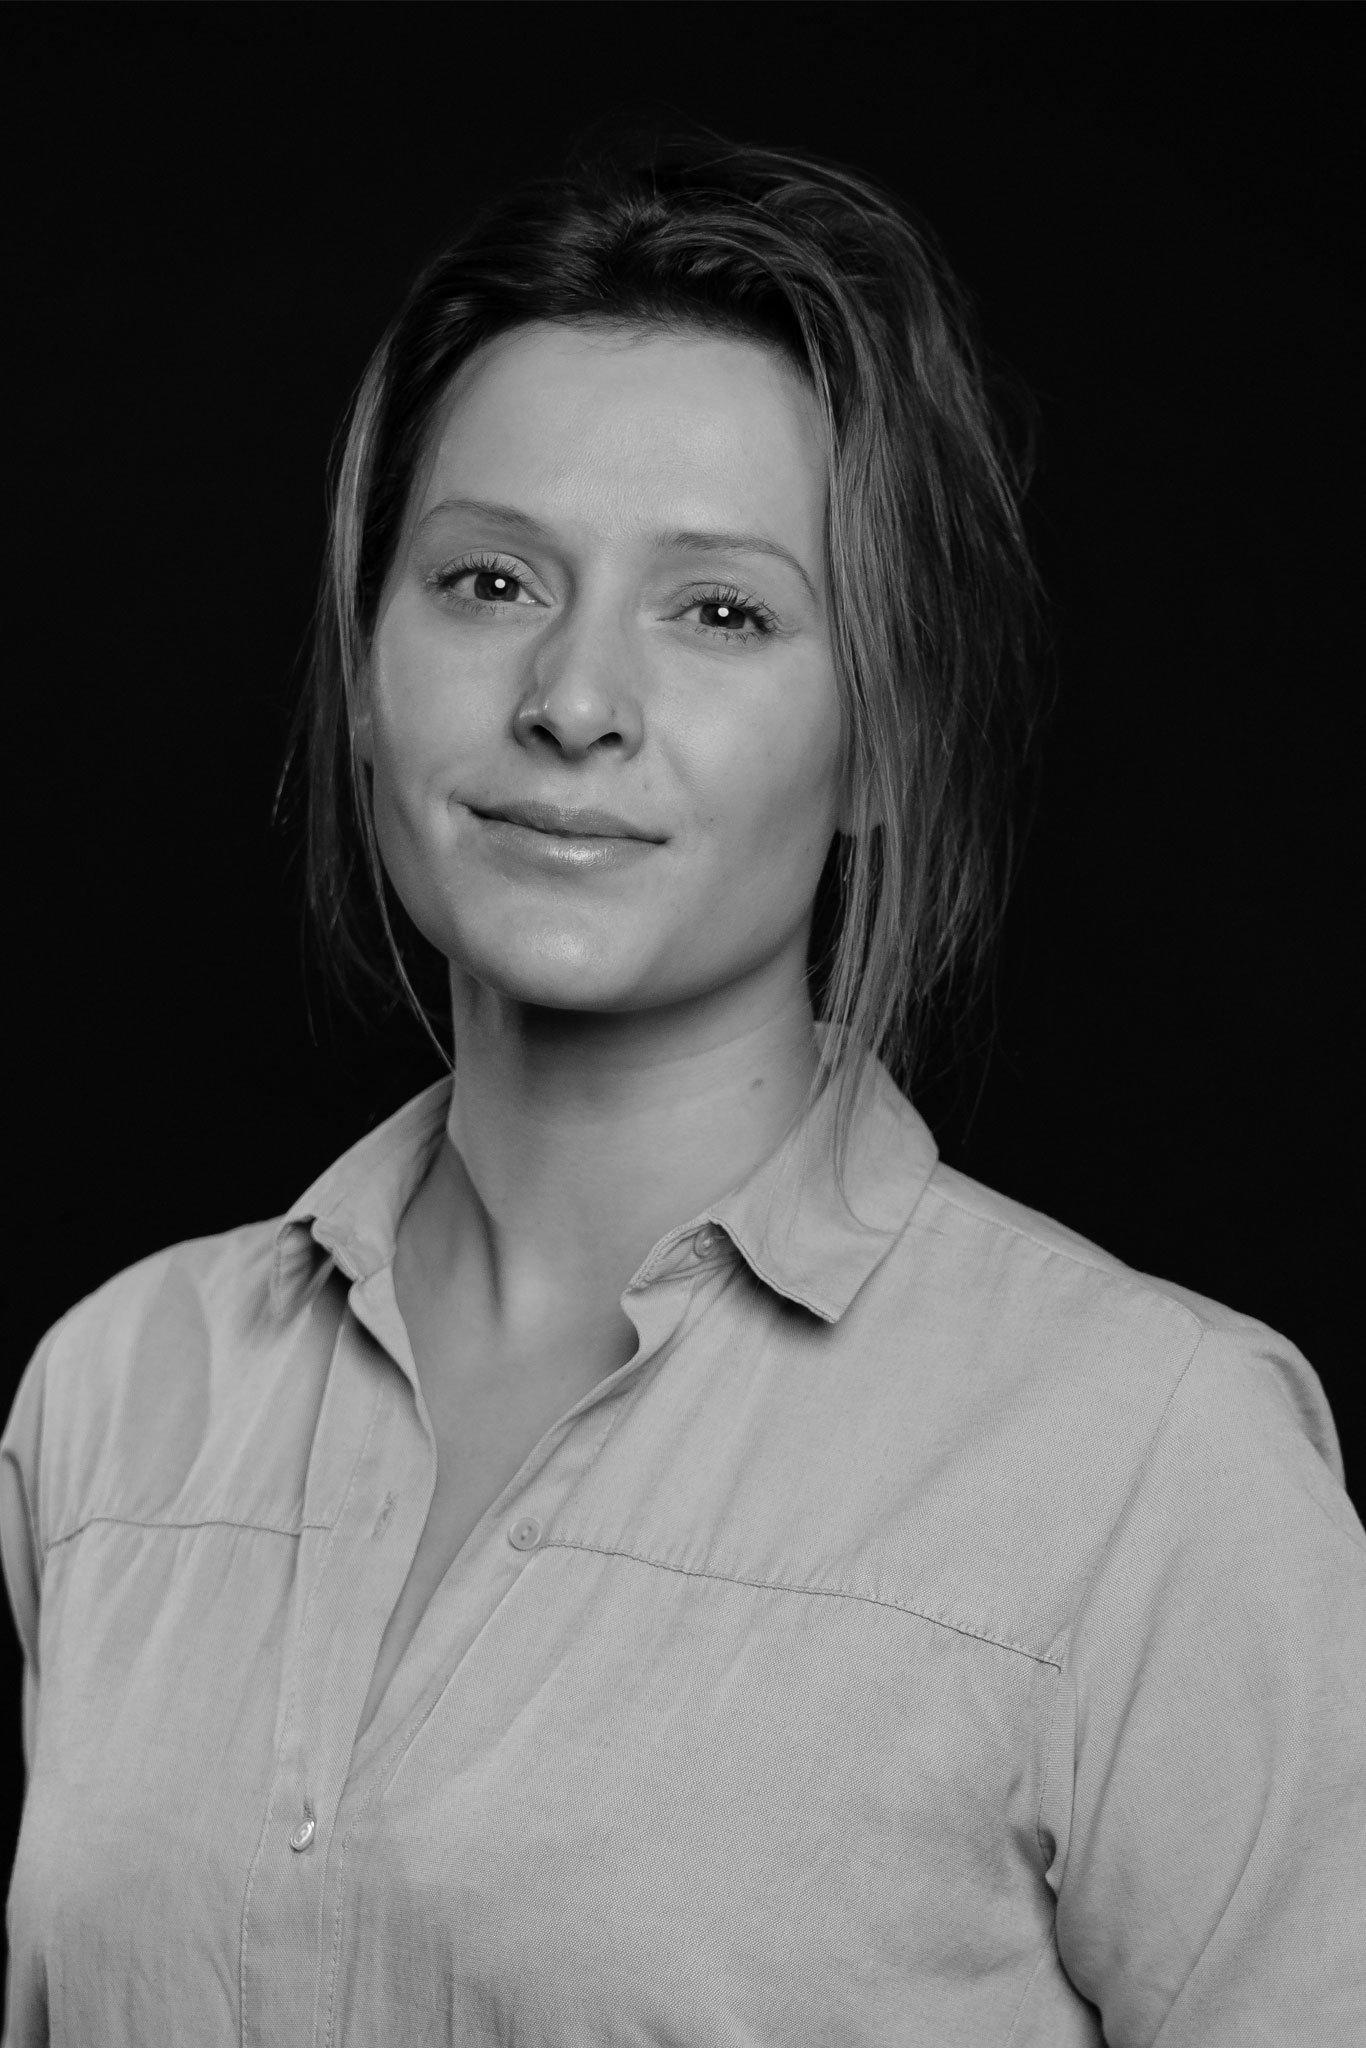 Christine H. Wendt image 1